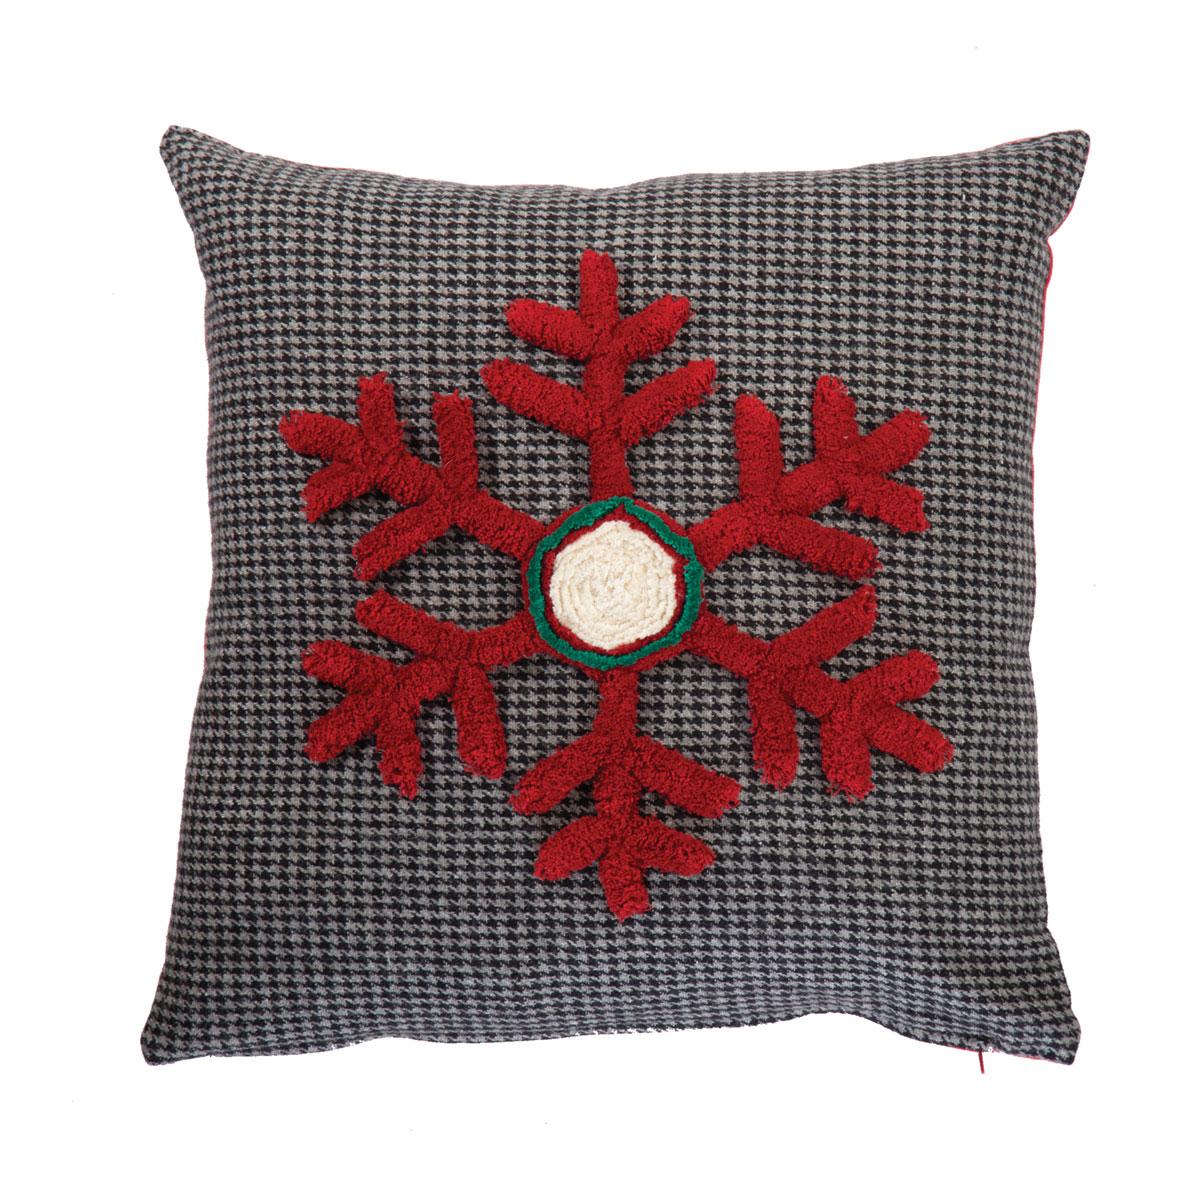 Χριστουγεννιάτικο Μαξιλάρι (45×45) Nef-Nef Snow Flake